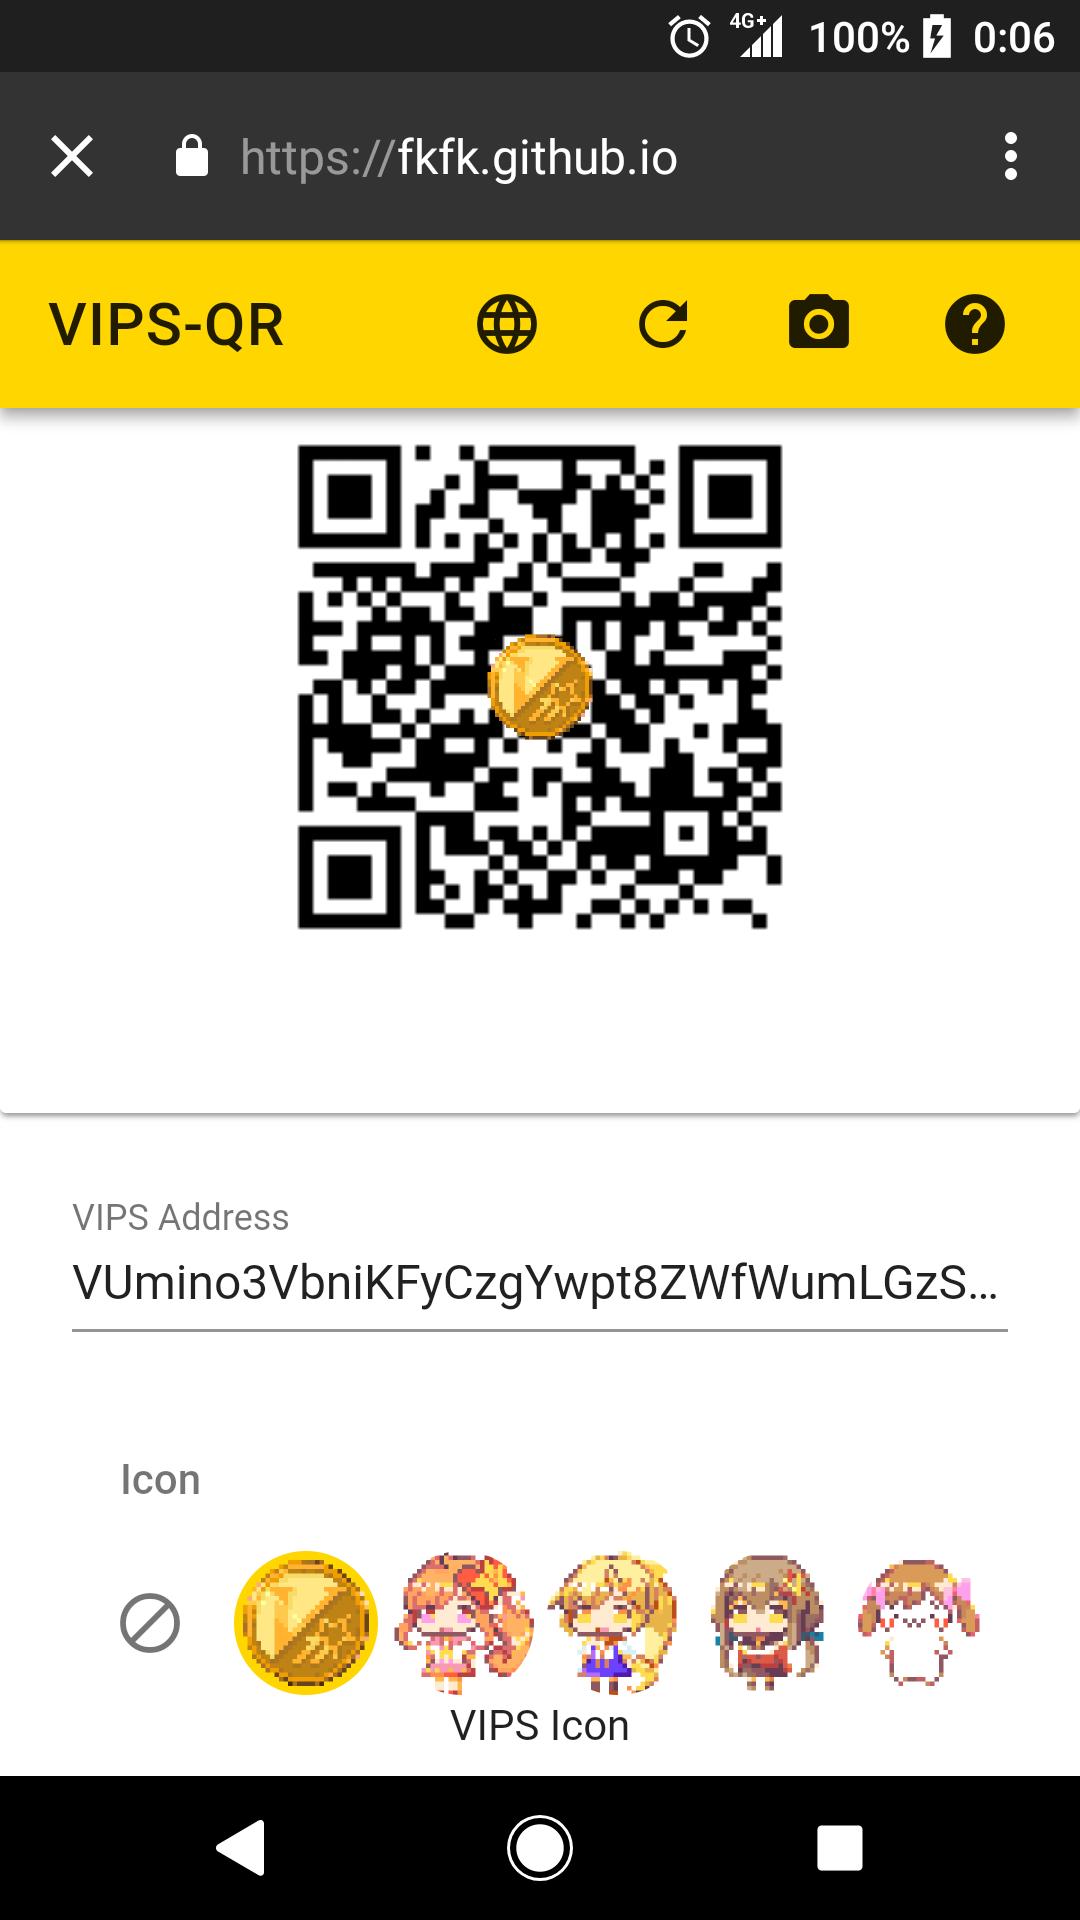 QRCode Generator released